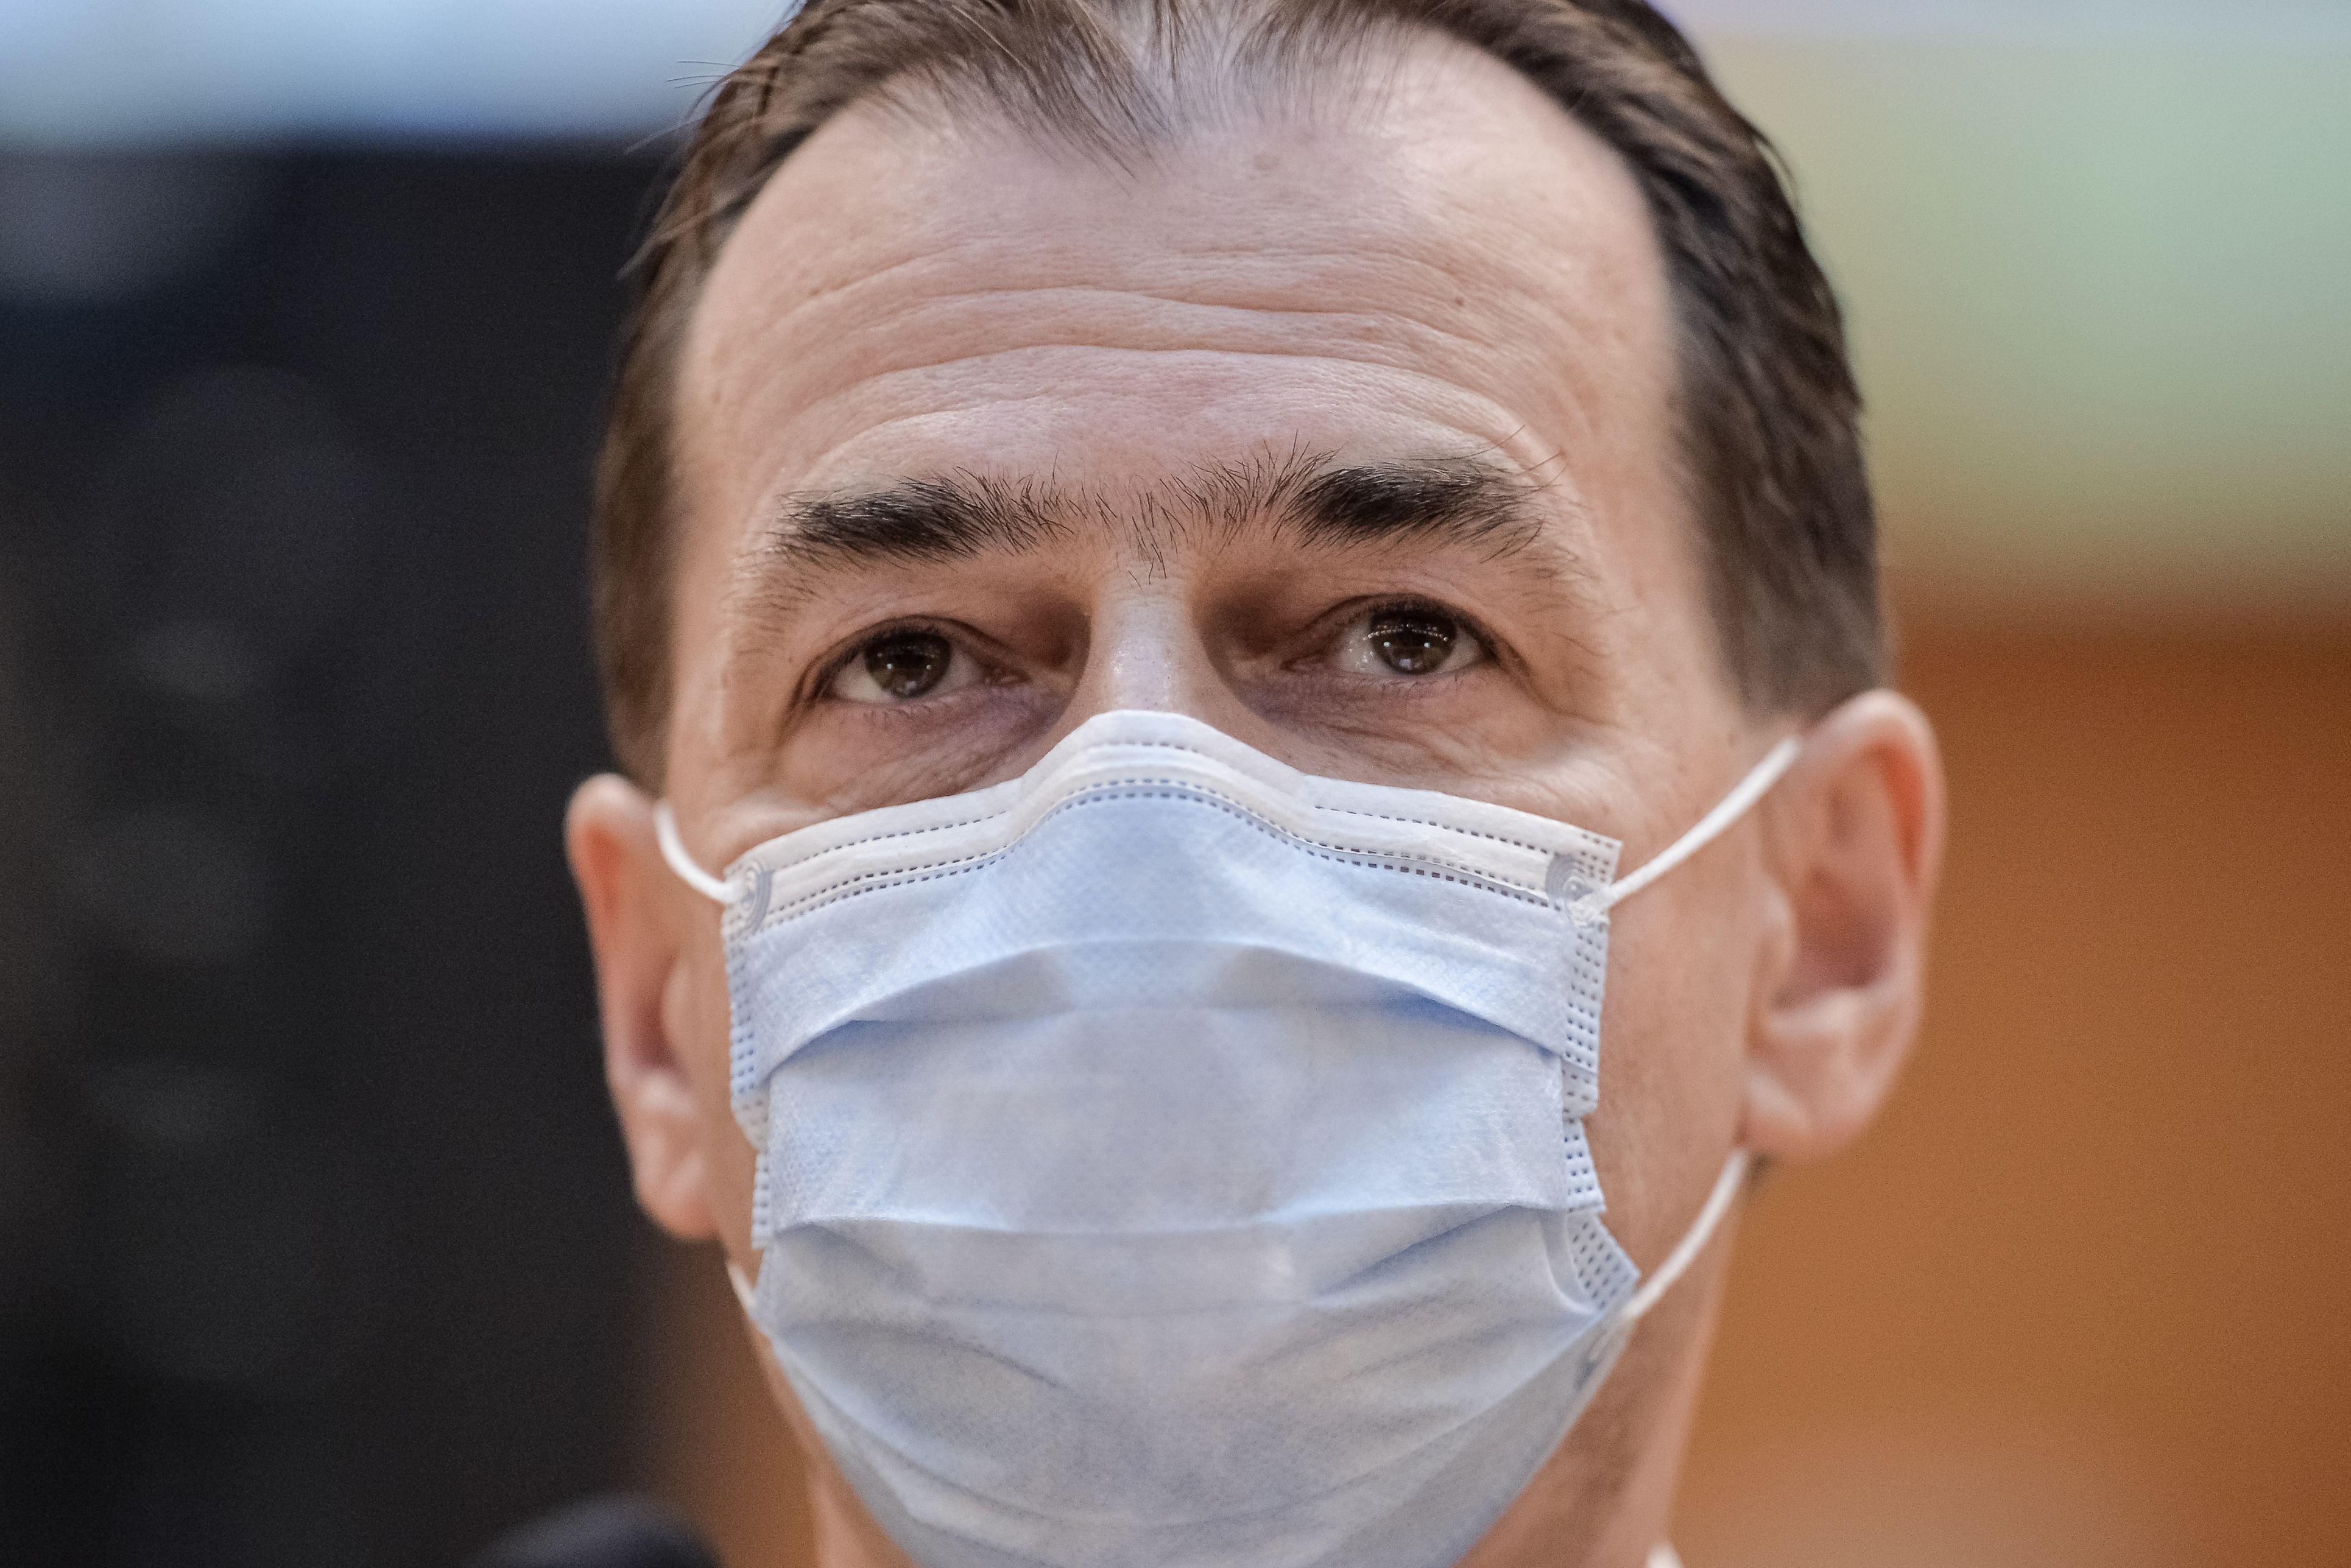 """România ar putea fi pândită de un """"pericol imens"""" Ludovic Orban, avertisment clar: """"Degeaba se bucură că le cresc veniturile"""""""